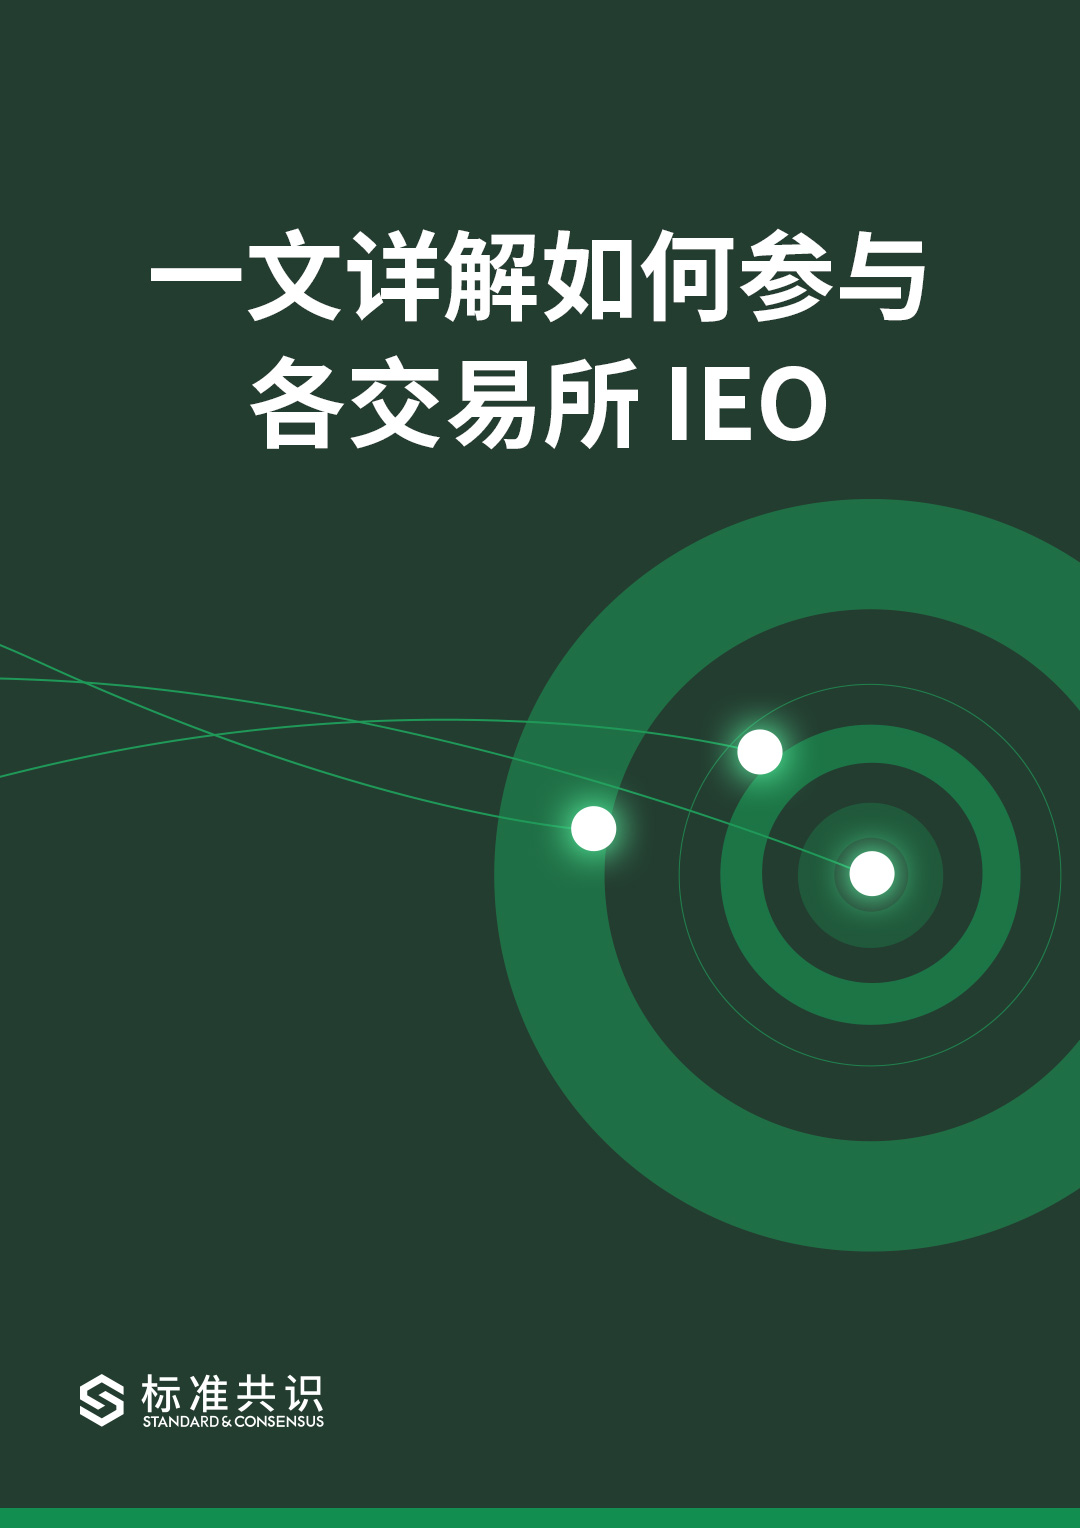 标准共识:一文详解如何参与各交易所IEO